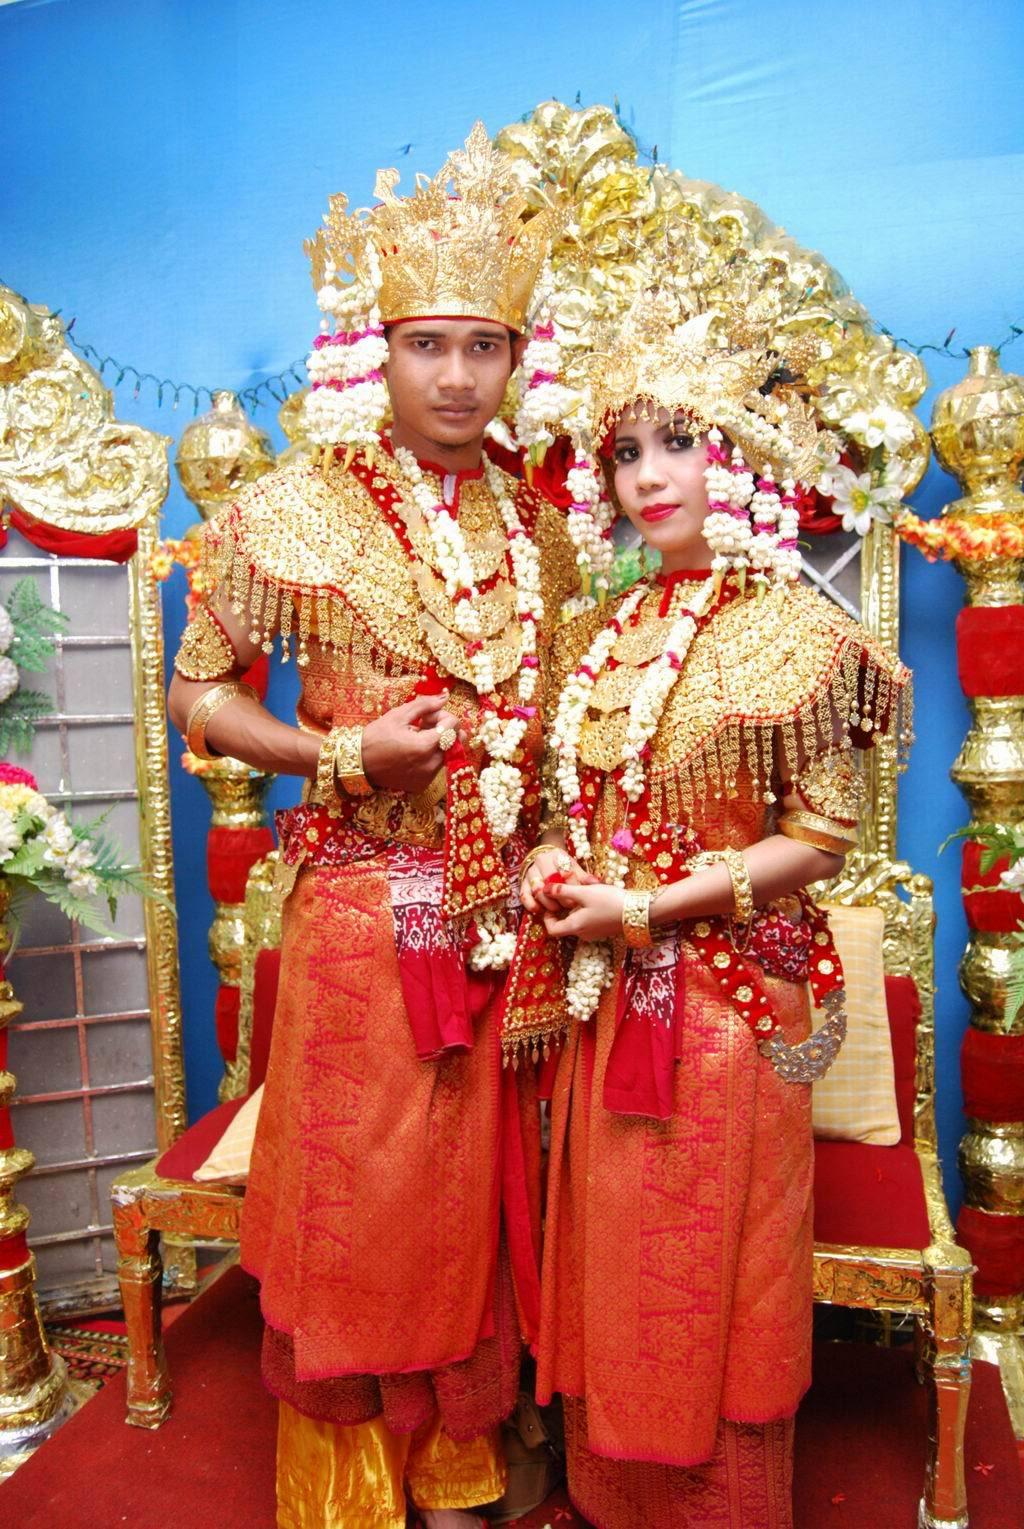 LikeDomokunblog Baju tradisional Indonesia